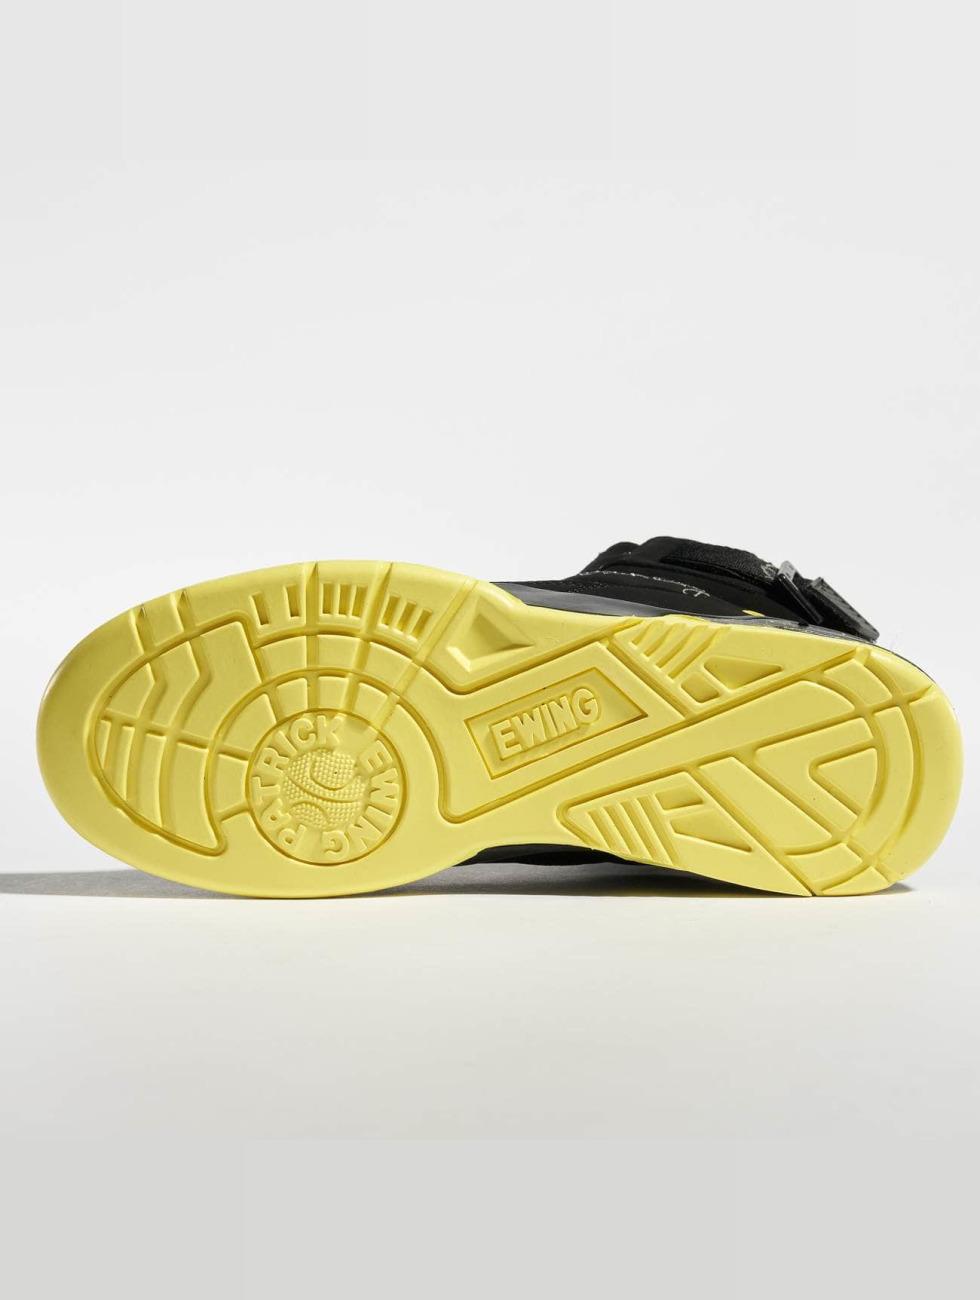 Athlétisme Ewing D'athlétisme Schoen / Sneakers 33 Champs De Boissons De Haute X Limitée Zwart 444027 La Qualité De Sortie De La Livraison Gratuite Parcourir Pas Cher Fourniture En Ligne RcKR2ipxN